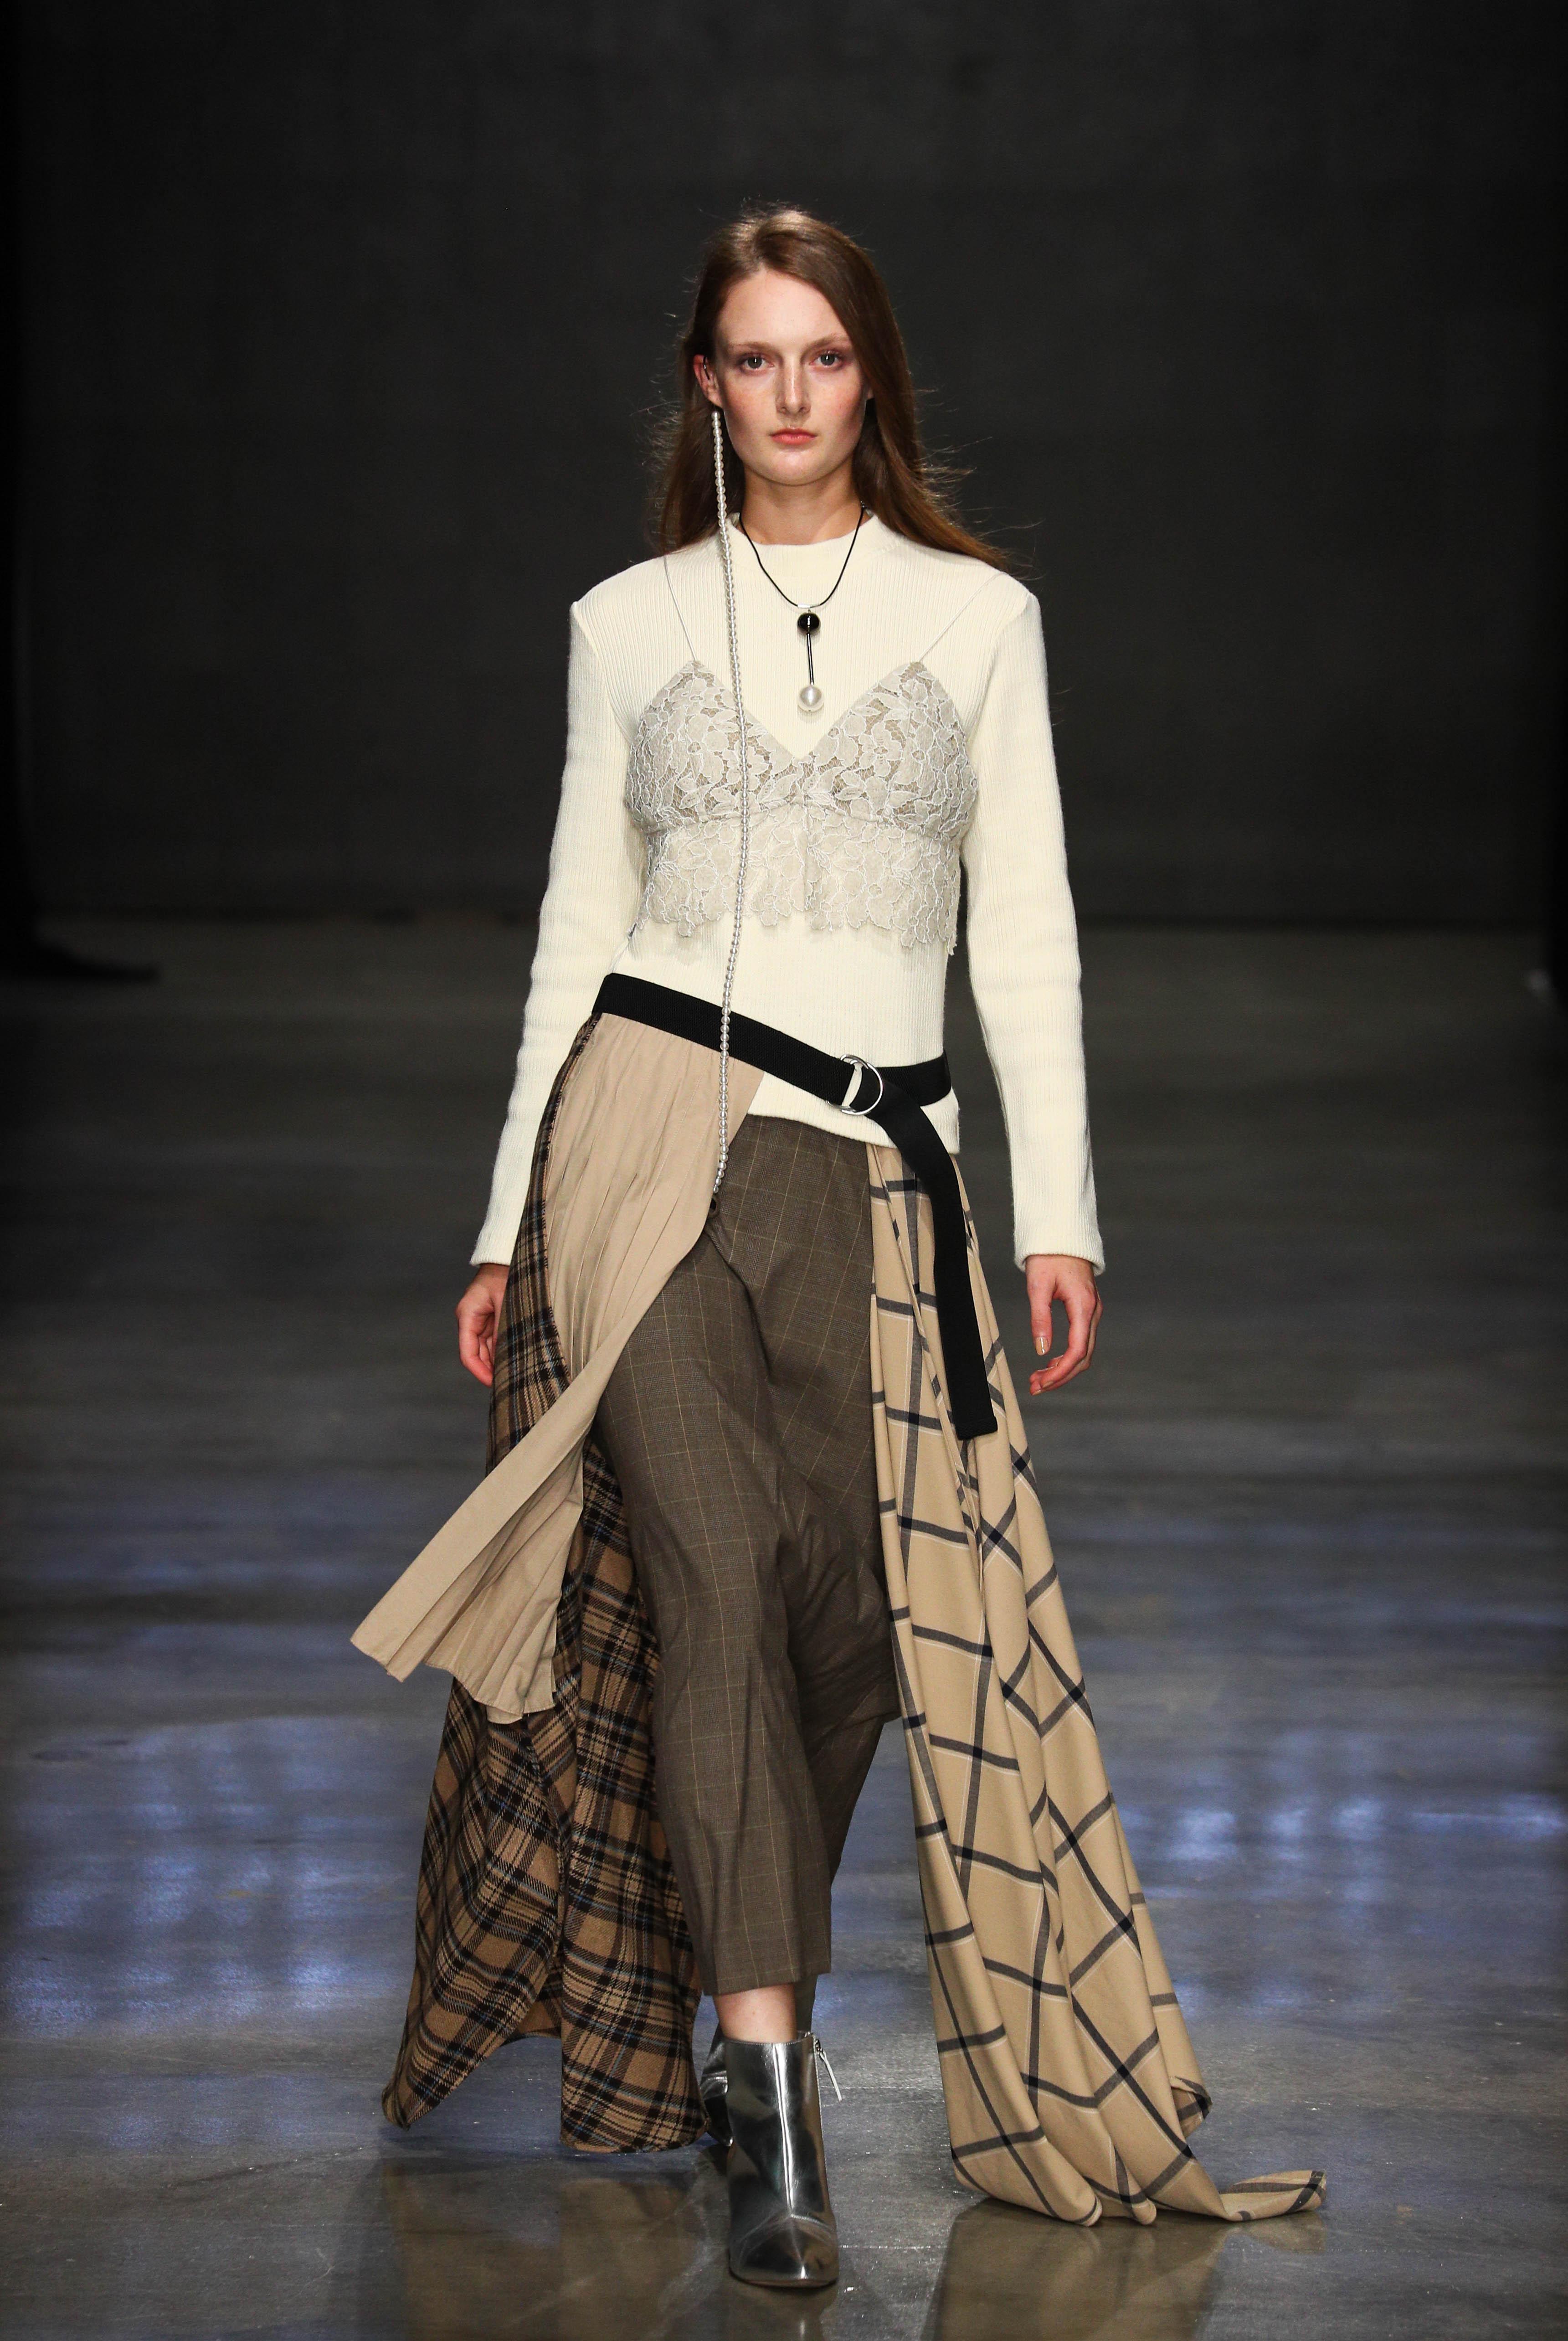 MikageShin Sustainable Fashion EcoMogul Magazine 3